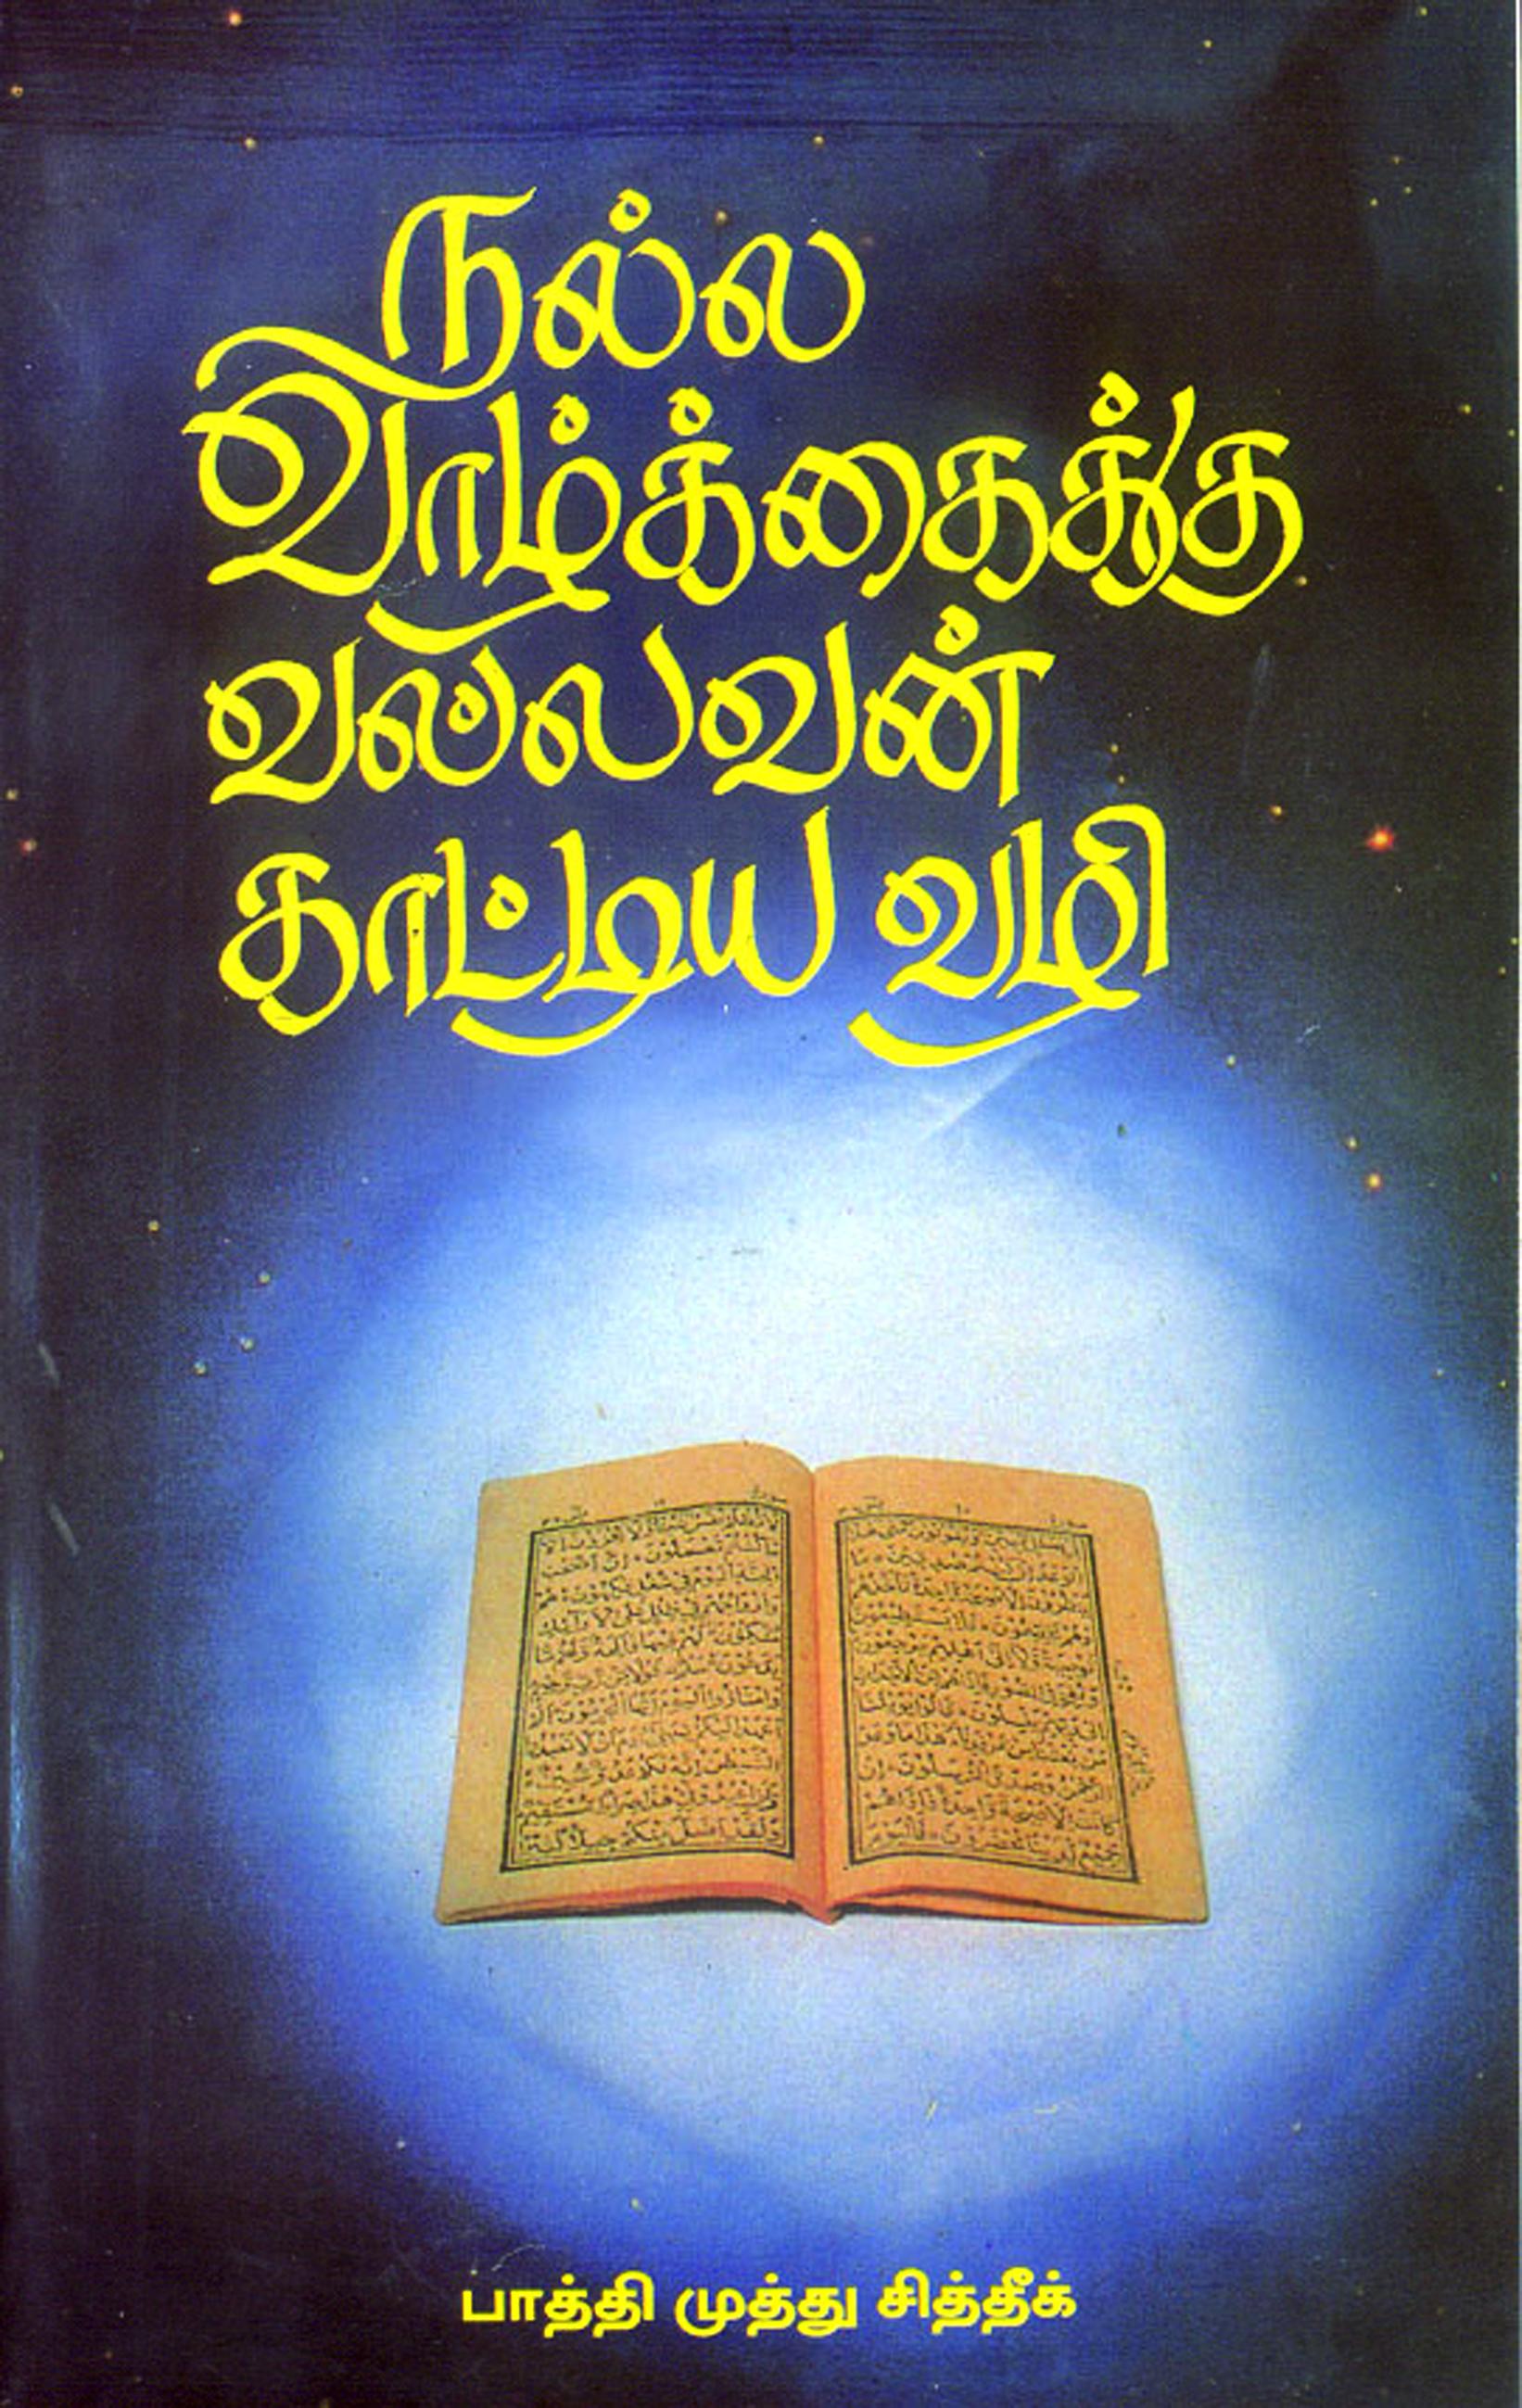 நல்ல வாழ்க்கைக்கு வல்லவன் காட்டிய வழி-Nalla valkaikku vallavan kaṭiya vali